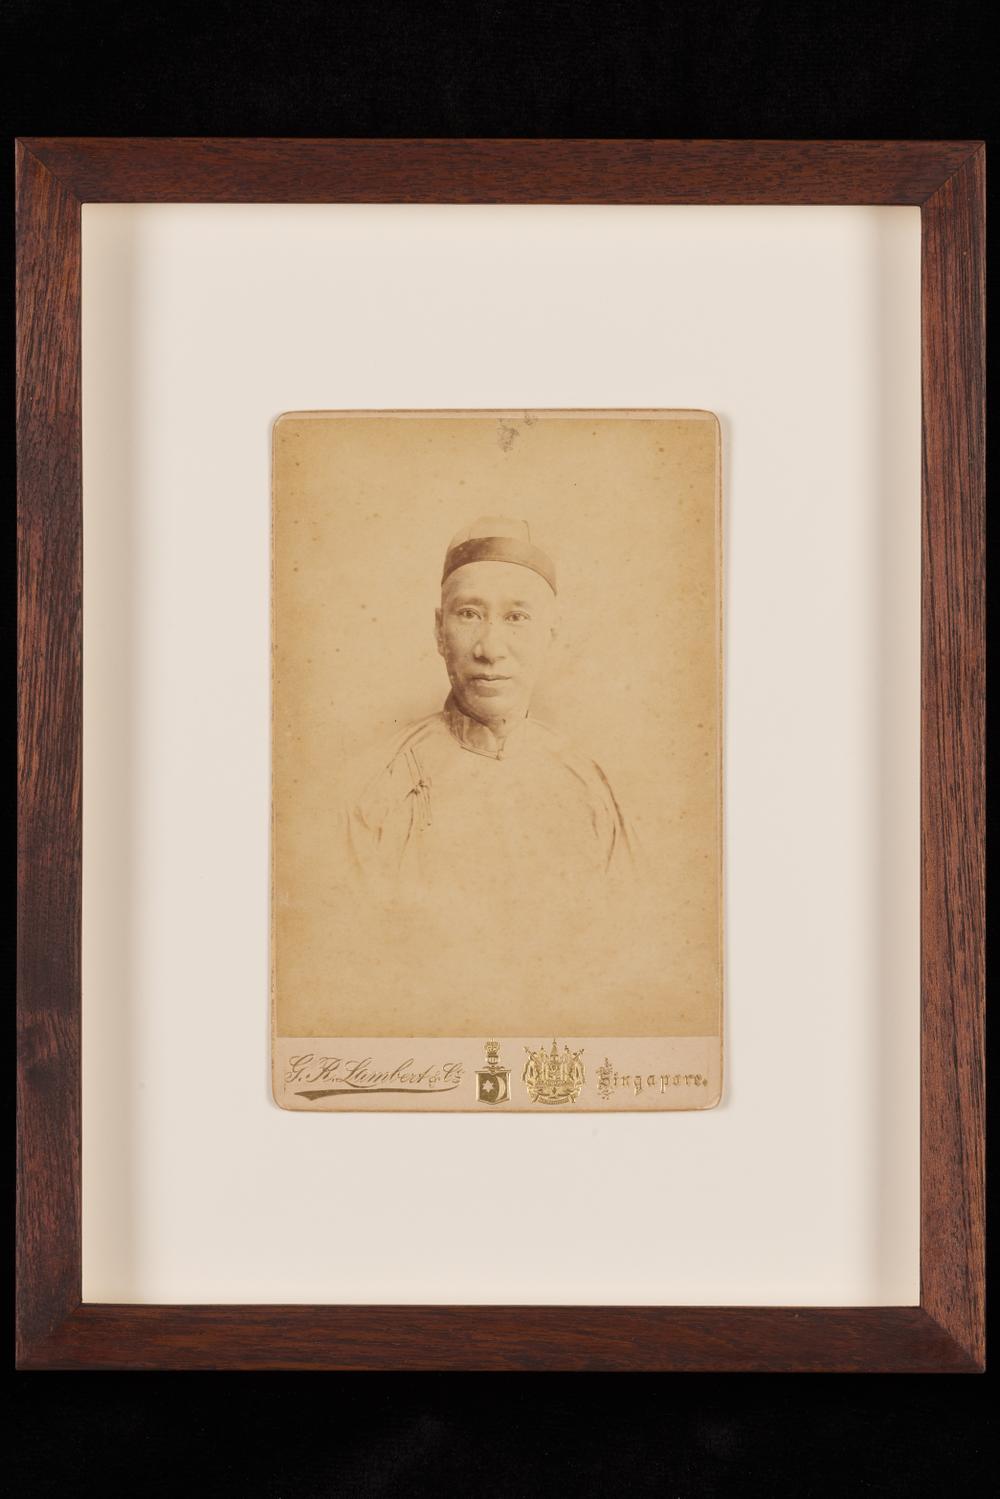 Seah Liang Seah , G.R. Lambert & Co. Peranakan Museum, c. 1900  Credit: The Peranakan Museum